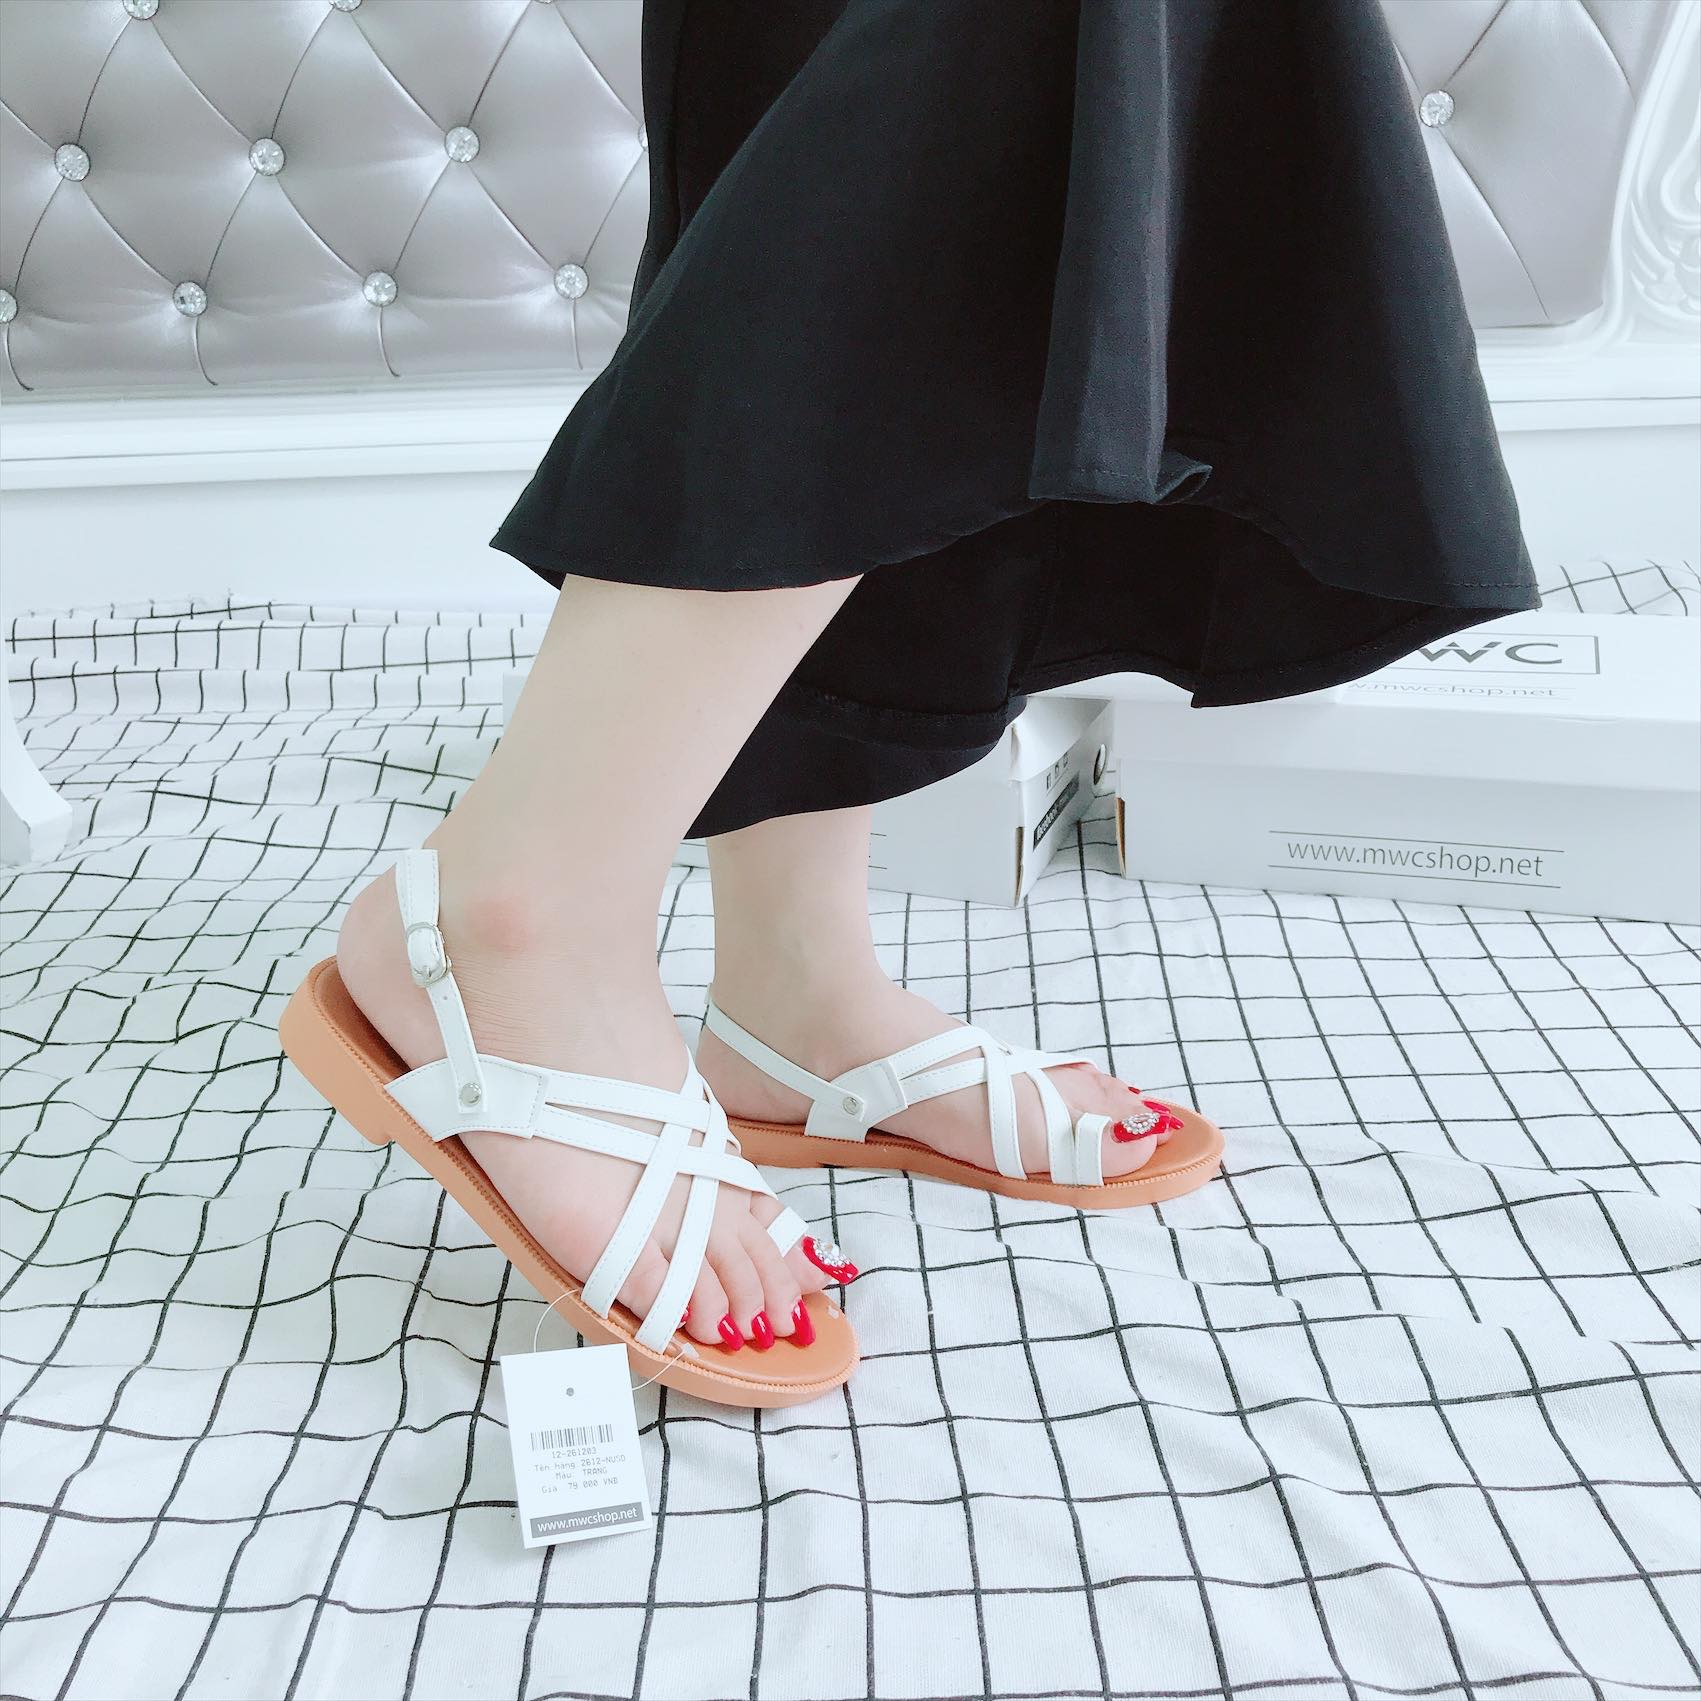 Giày sandal nữ MWC NUSD- 2612 - TRẮNG